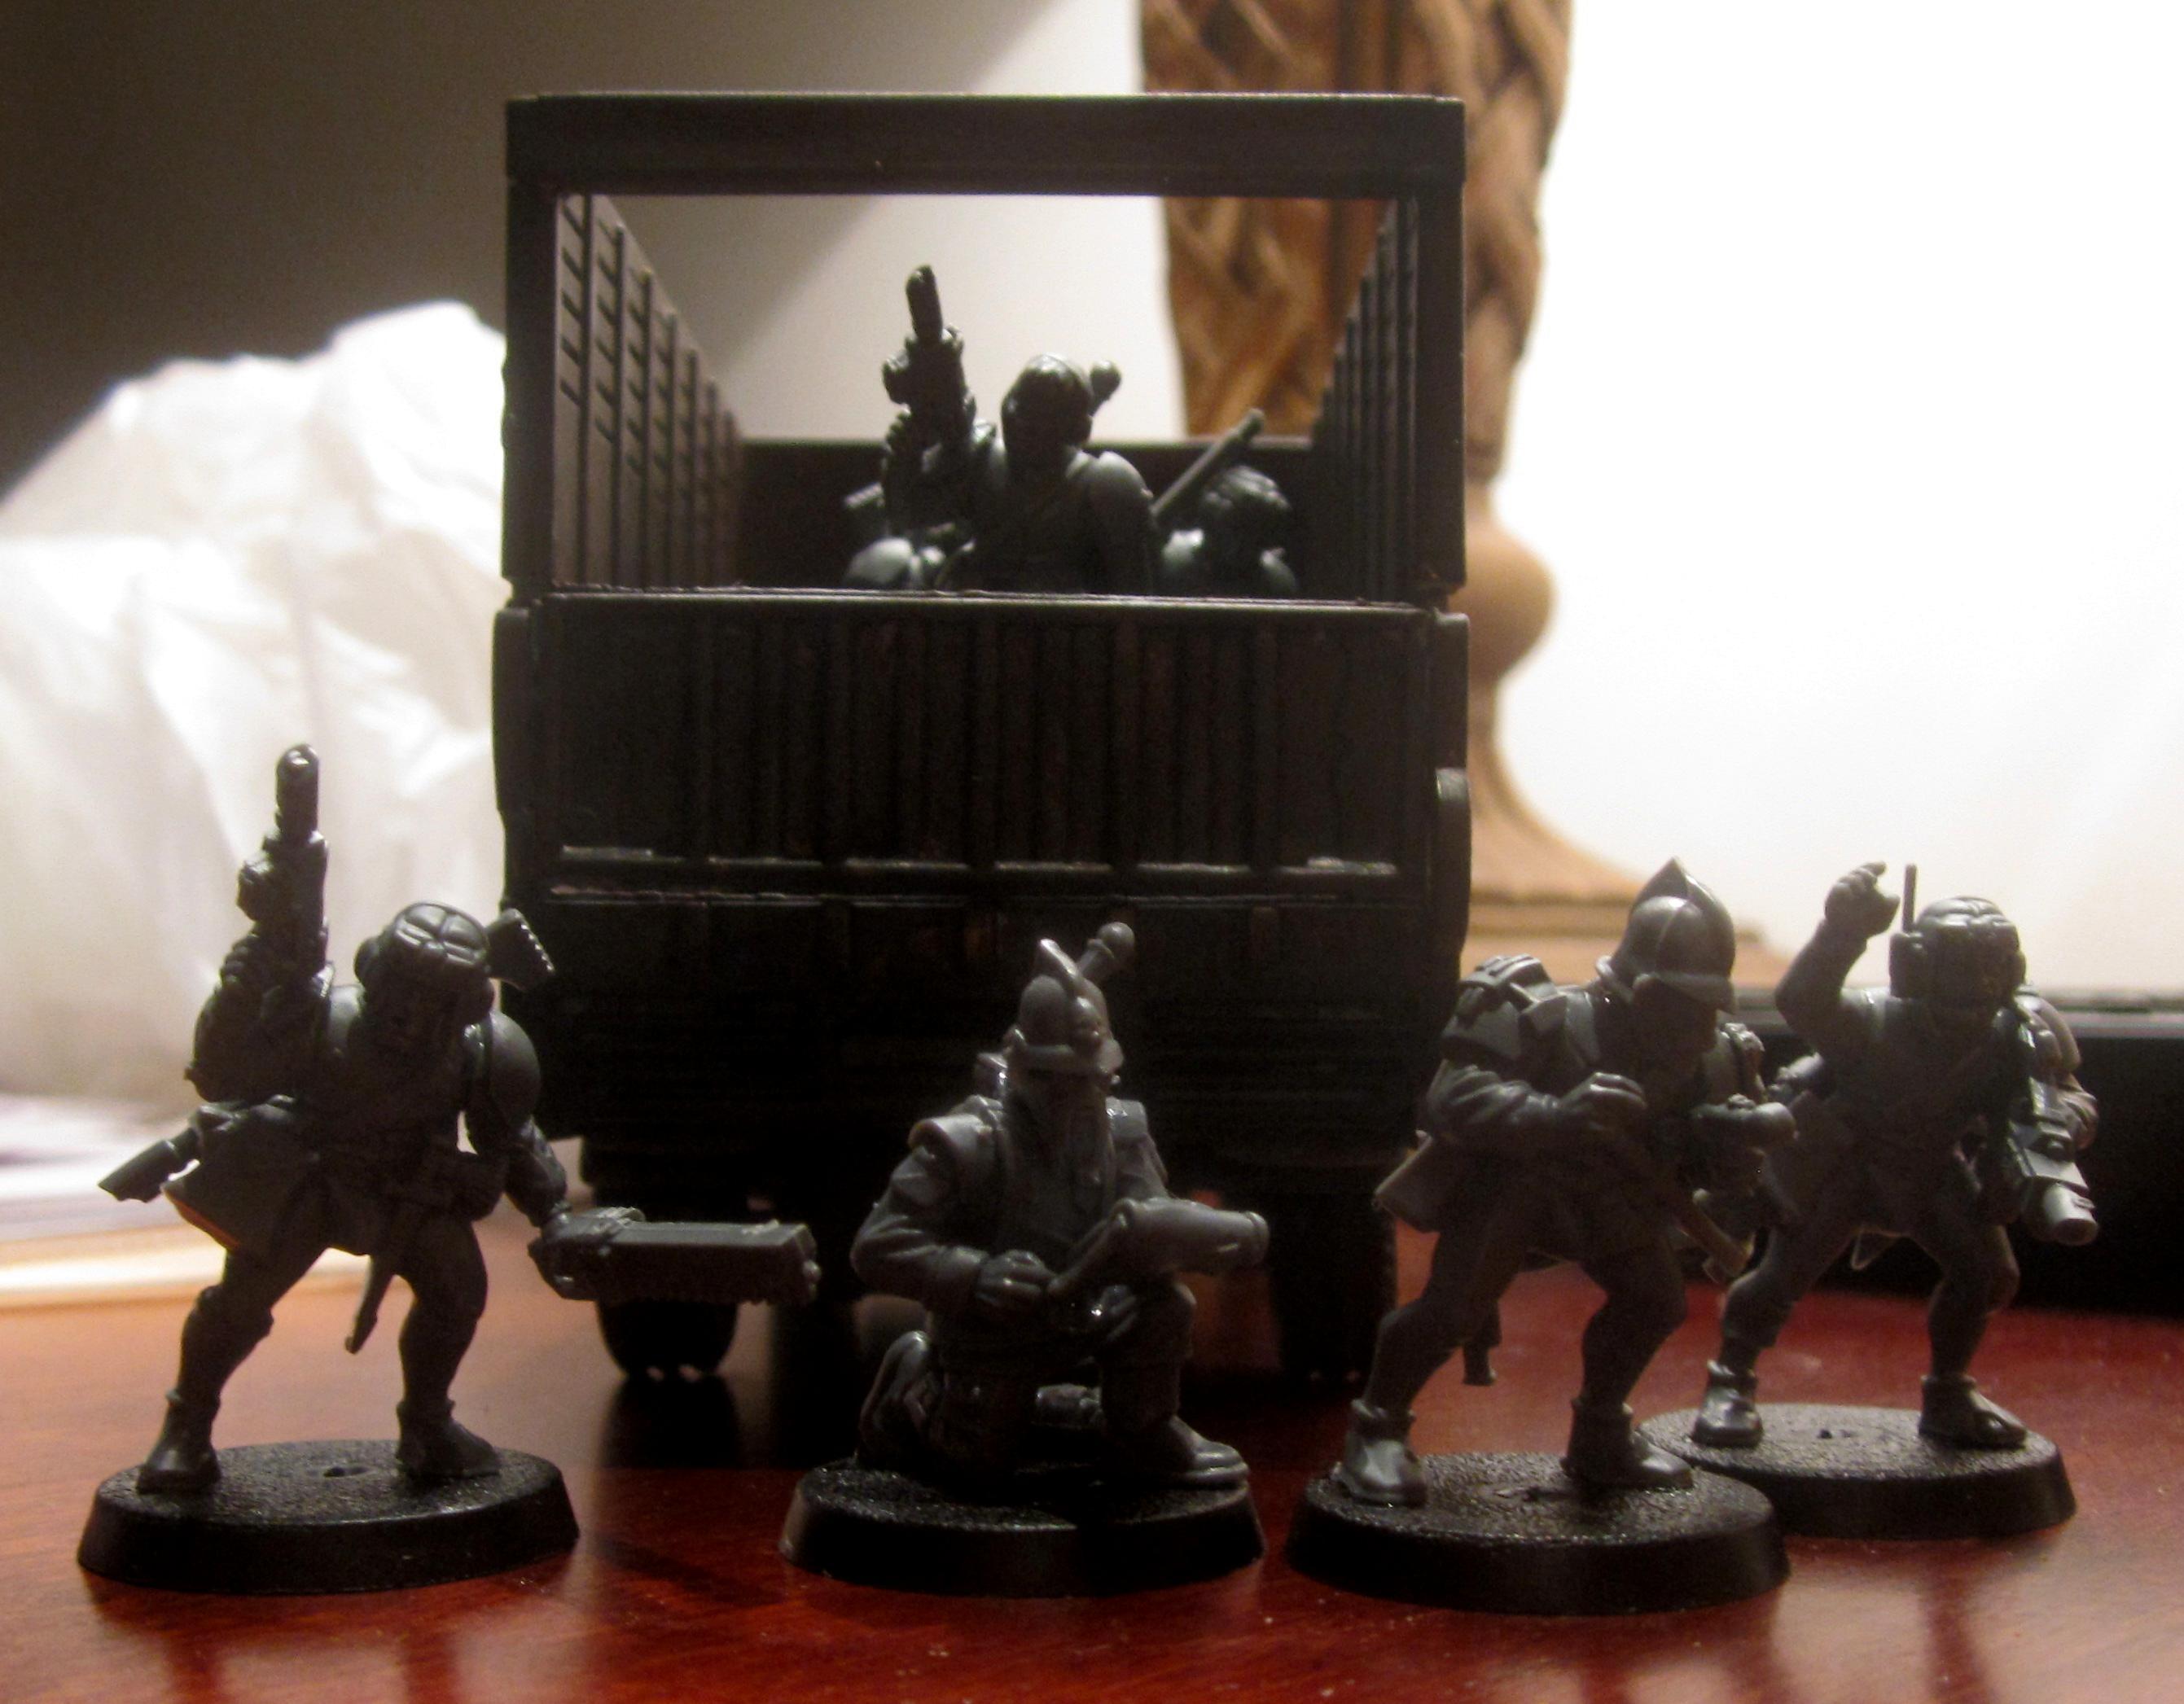 Adeptus Arbites, Civilian, Henchmen, Inquisition, Truck